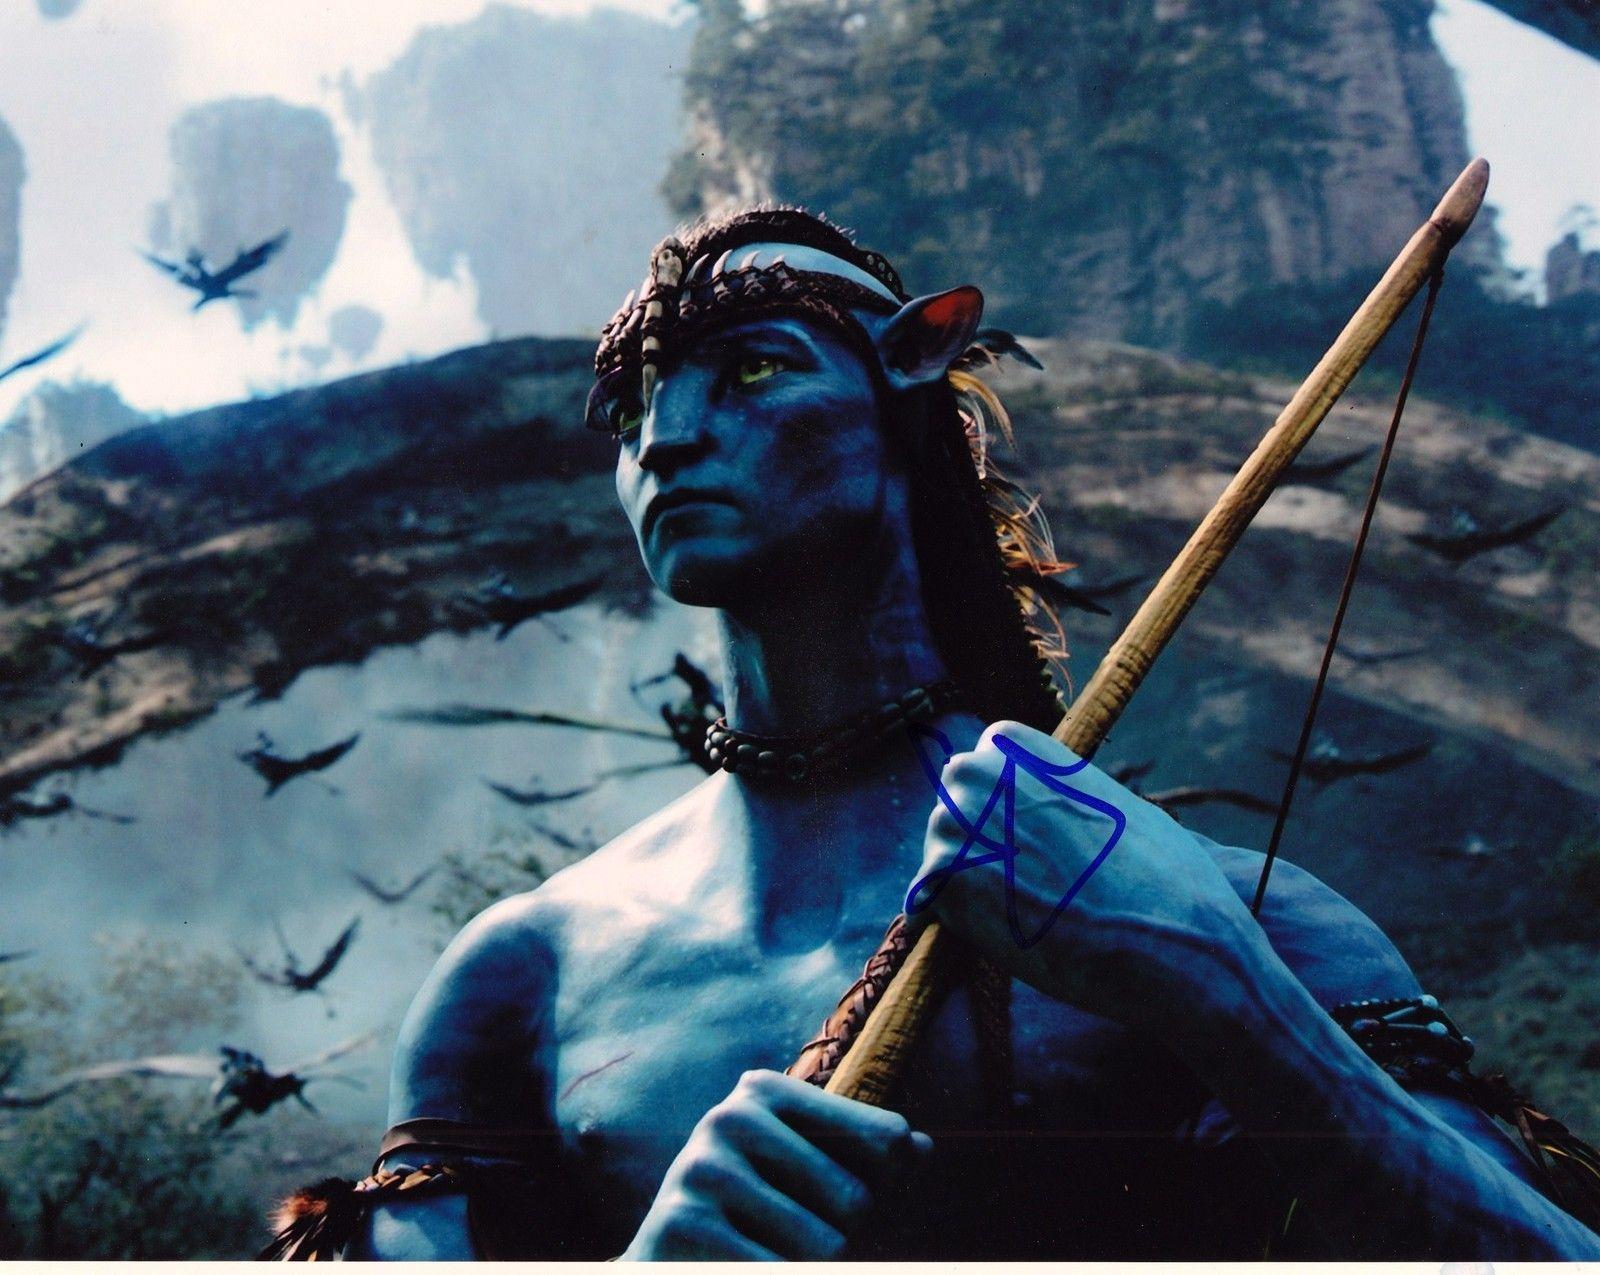 Sam Worthington Signed 8x10 Photo w/COA Proof Avatar Clash of the Titans B